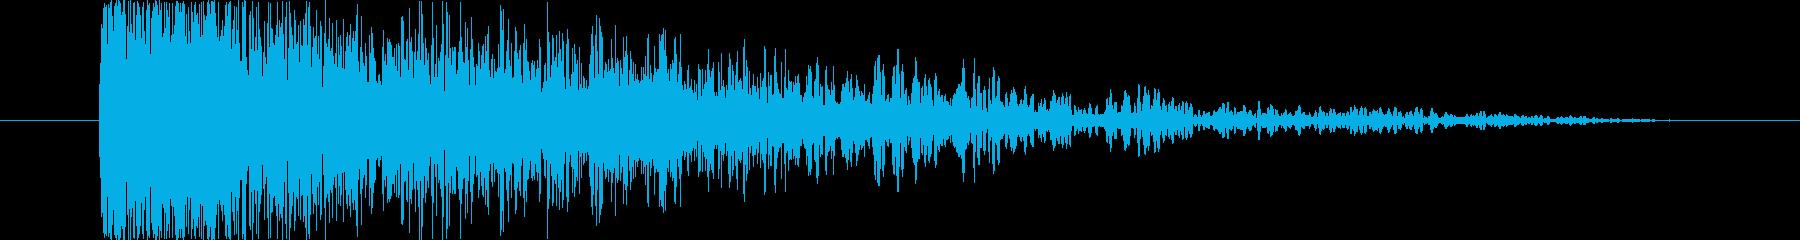 【銃スペースガン】バキューンの再生済みの波形